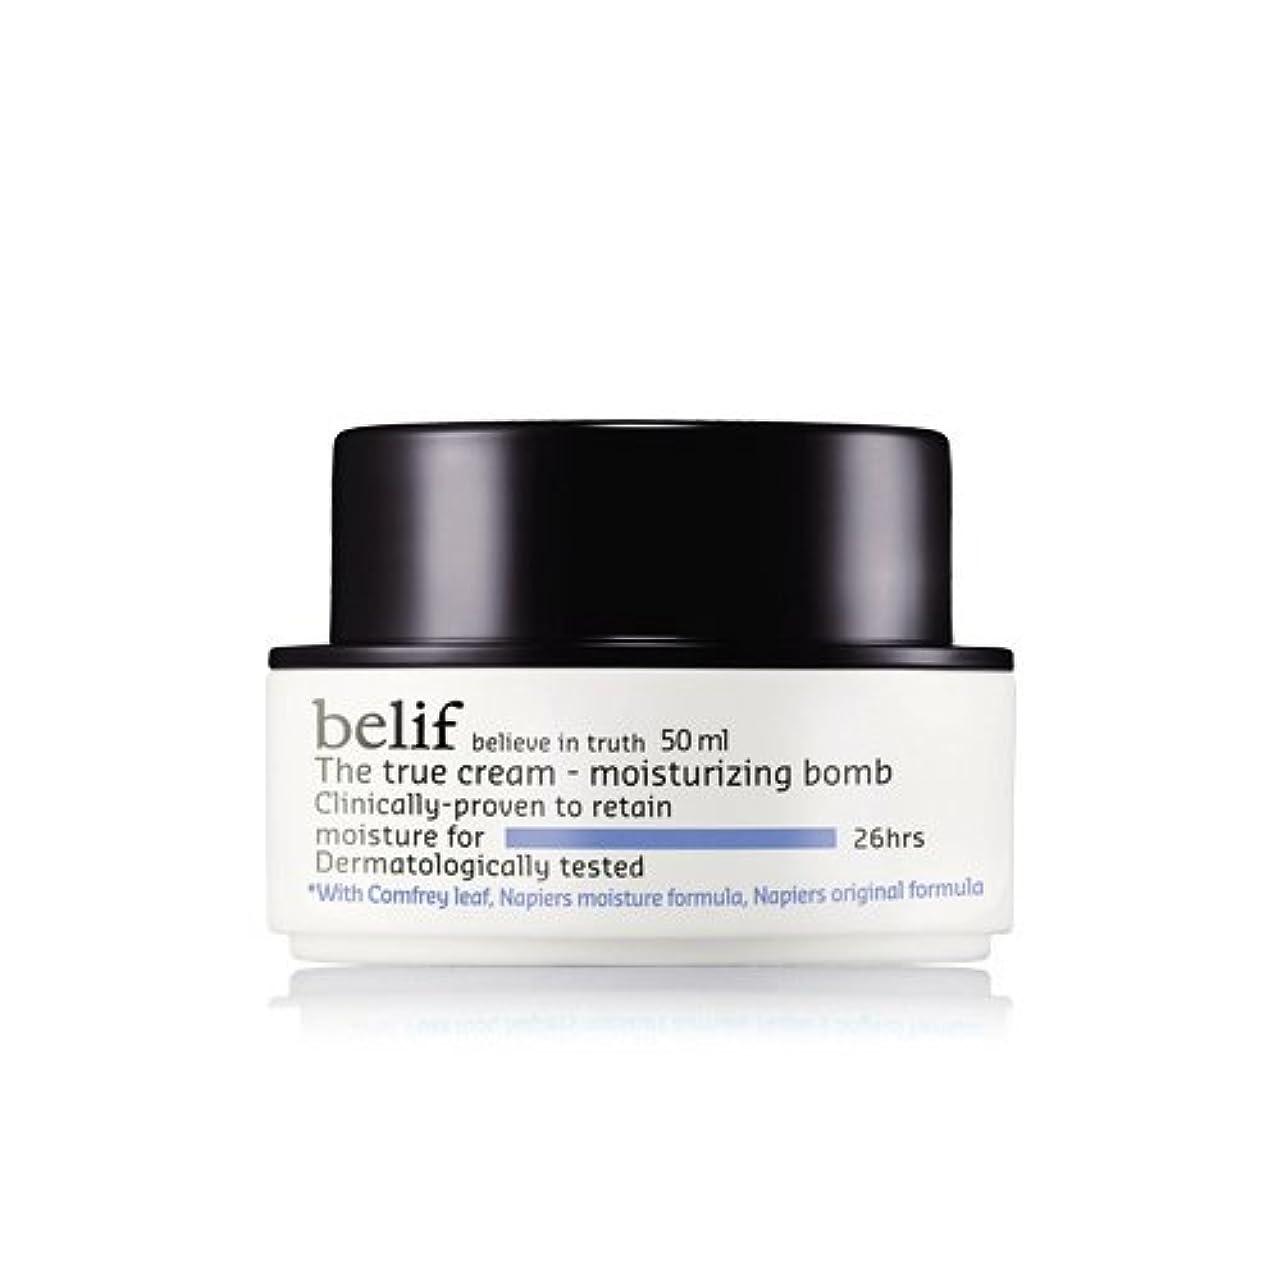 生息地変装したエクステント『belif The true cream-moisturizing bomb 50ml』 ビリーフ 水分爆弾クリーム50ml 【福袋】